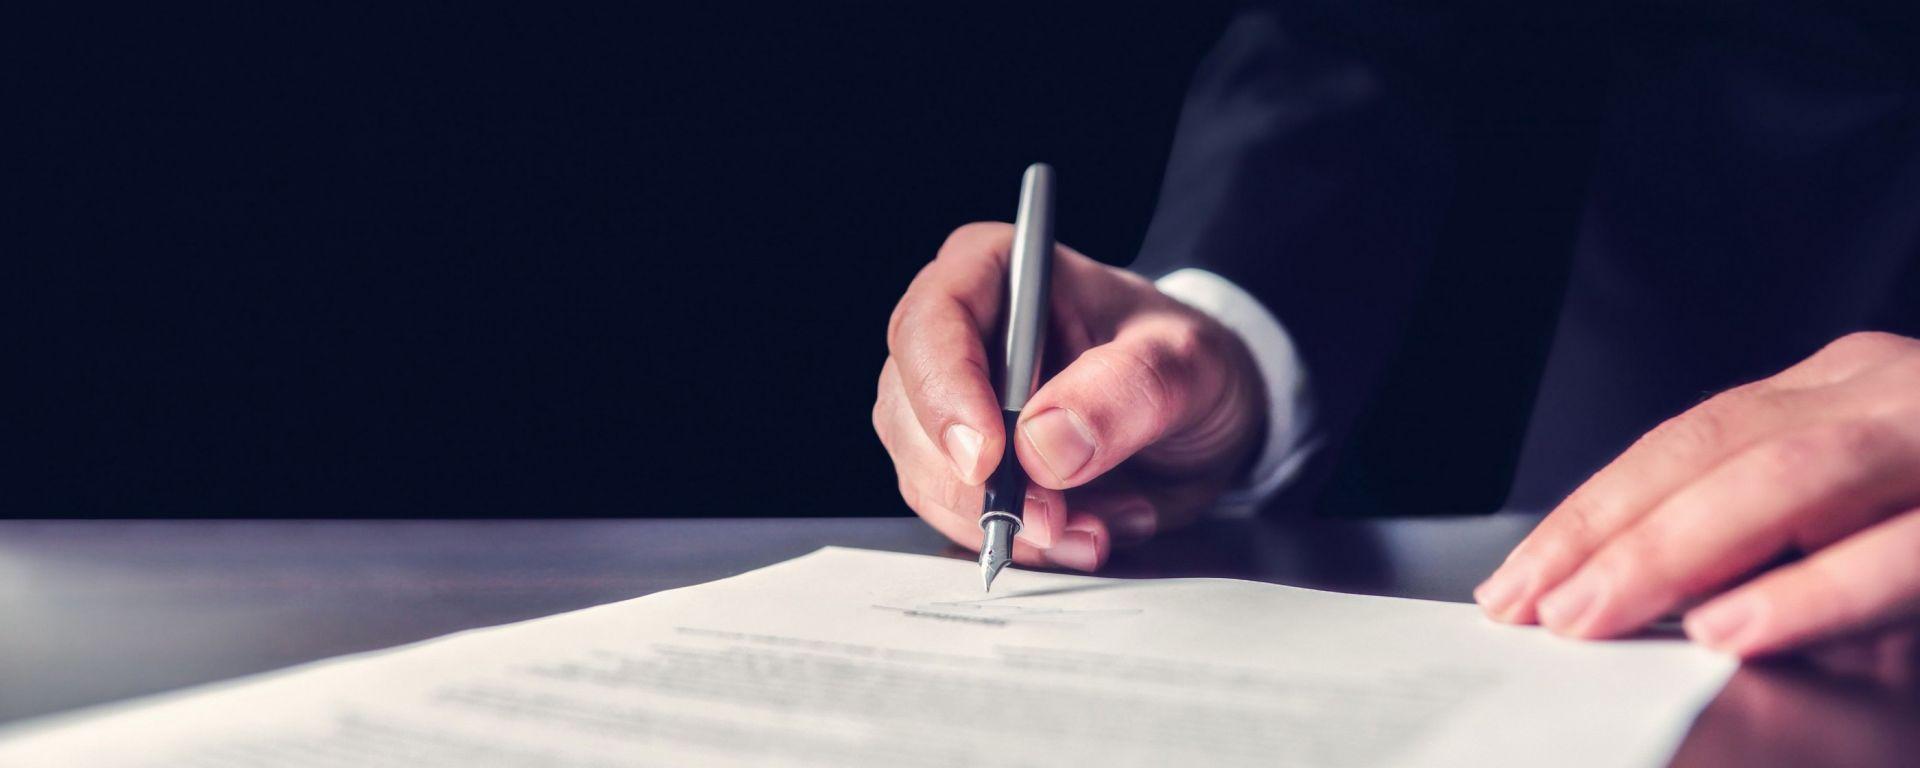 Gruppo PSA: l'UE firma l'ok per l'acquisizione di Opel